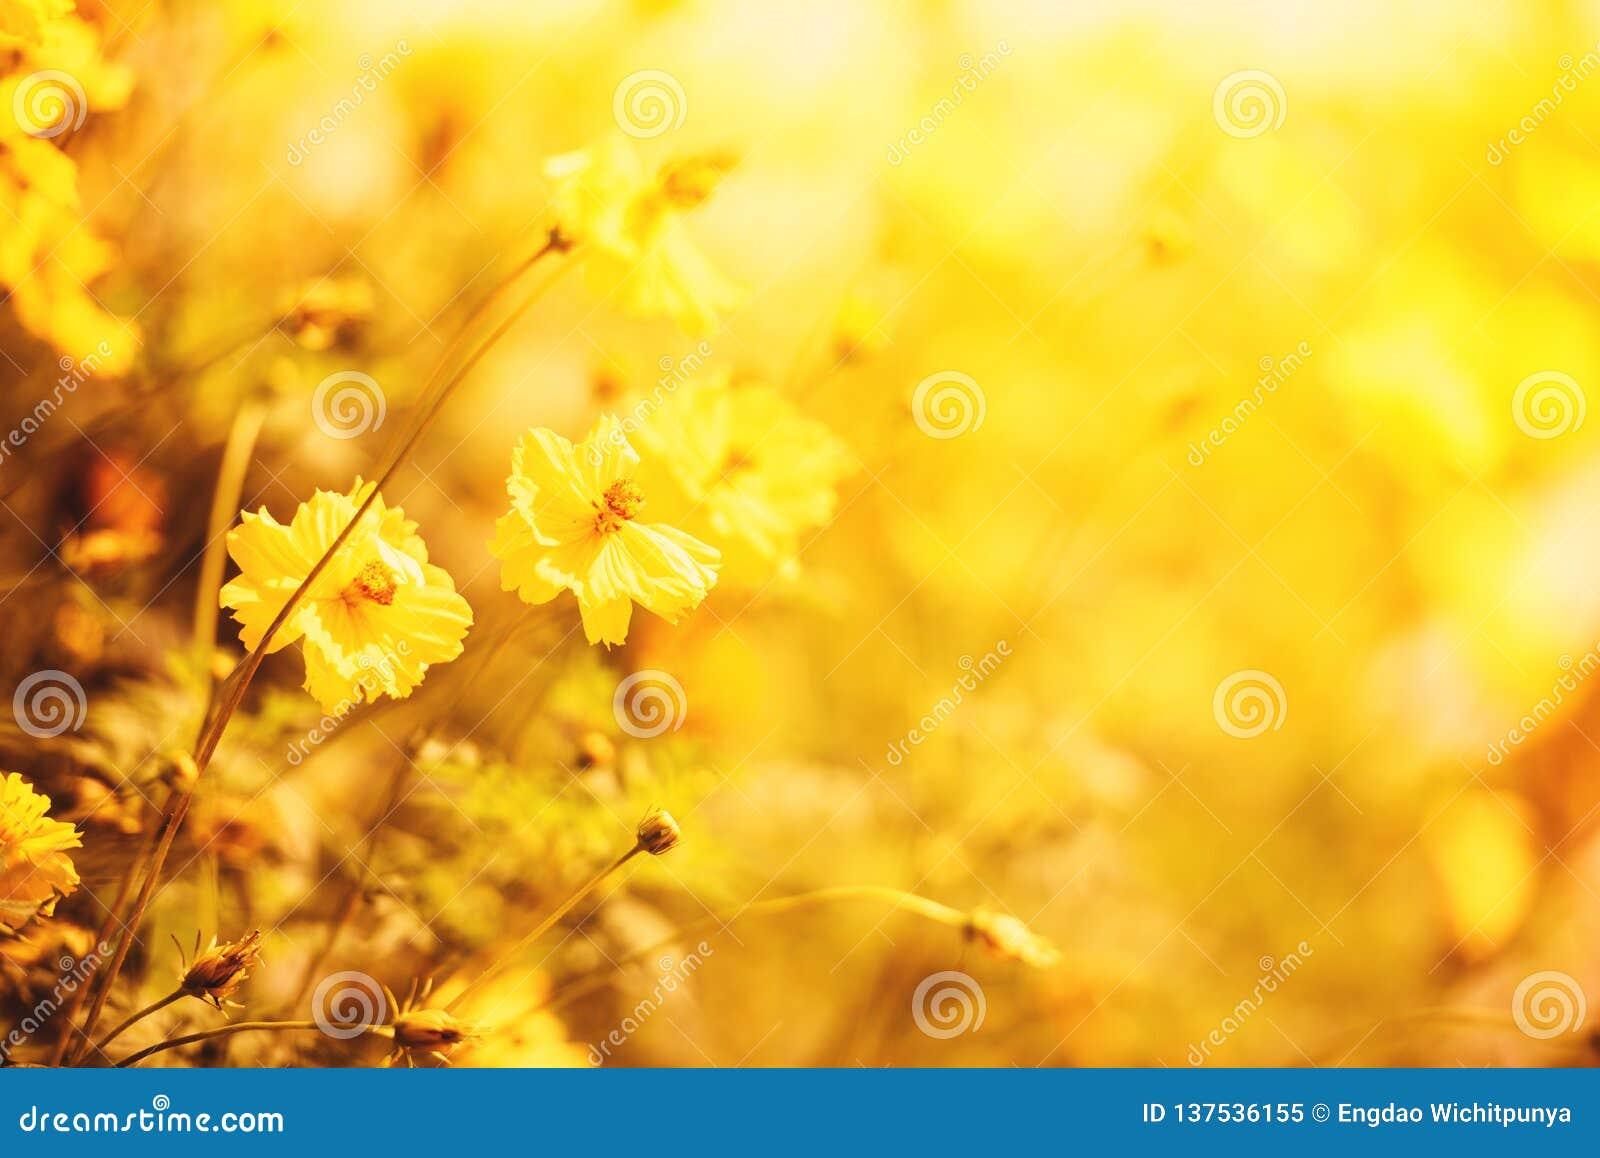 Couleurs jaunes d automne de calendula d usine de jaune de fond de tache floue de gisement de fleur de nature belles dans le jard